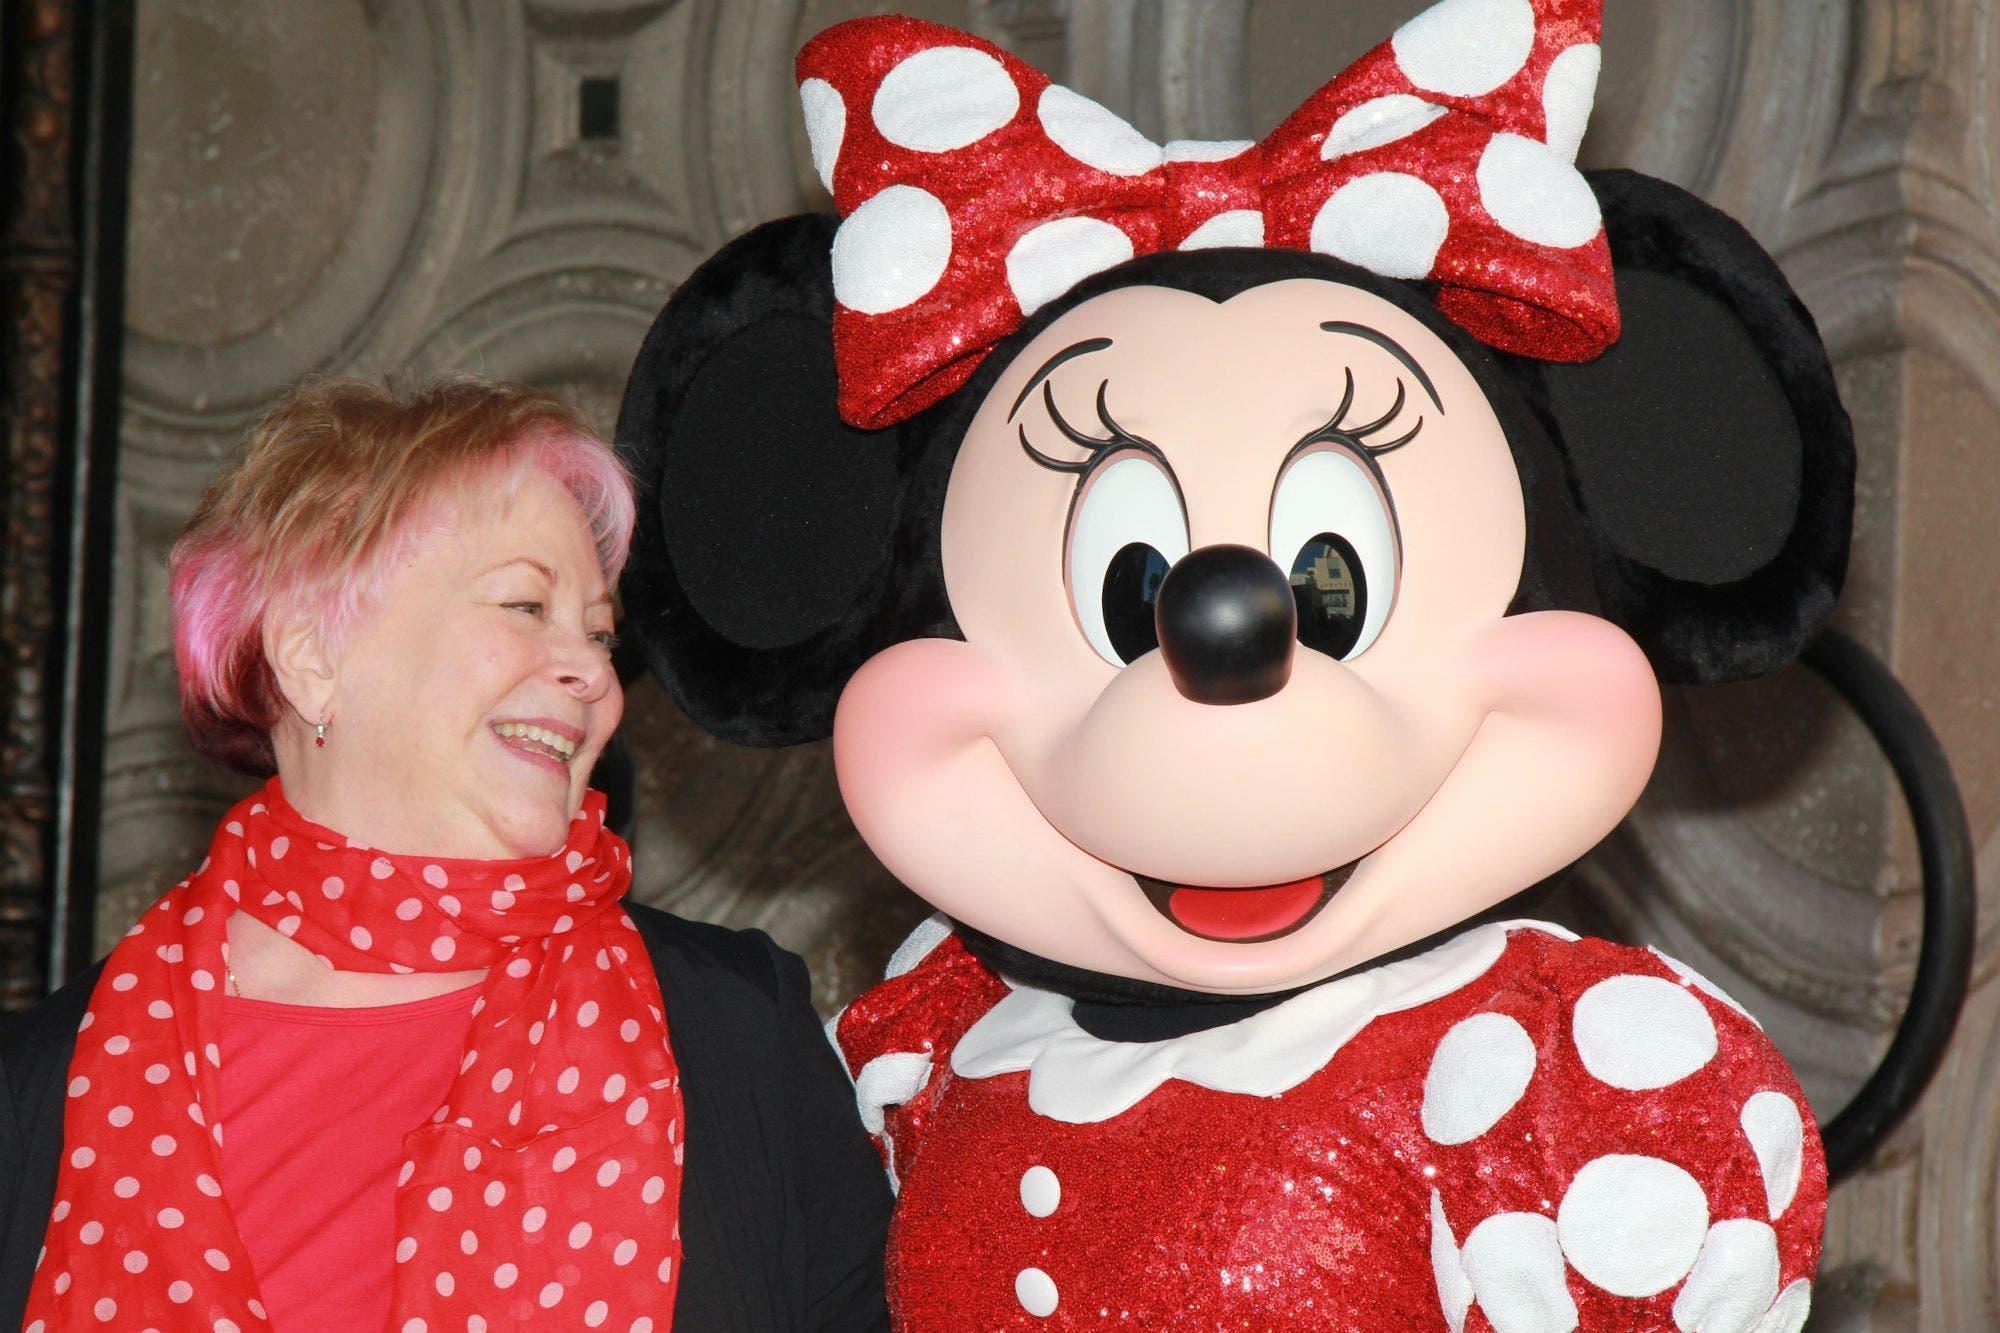 A los 75 años, murió Russi Taylor, la voz de Minnie Mouse